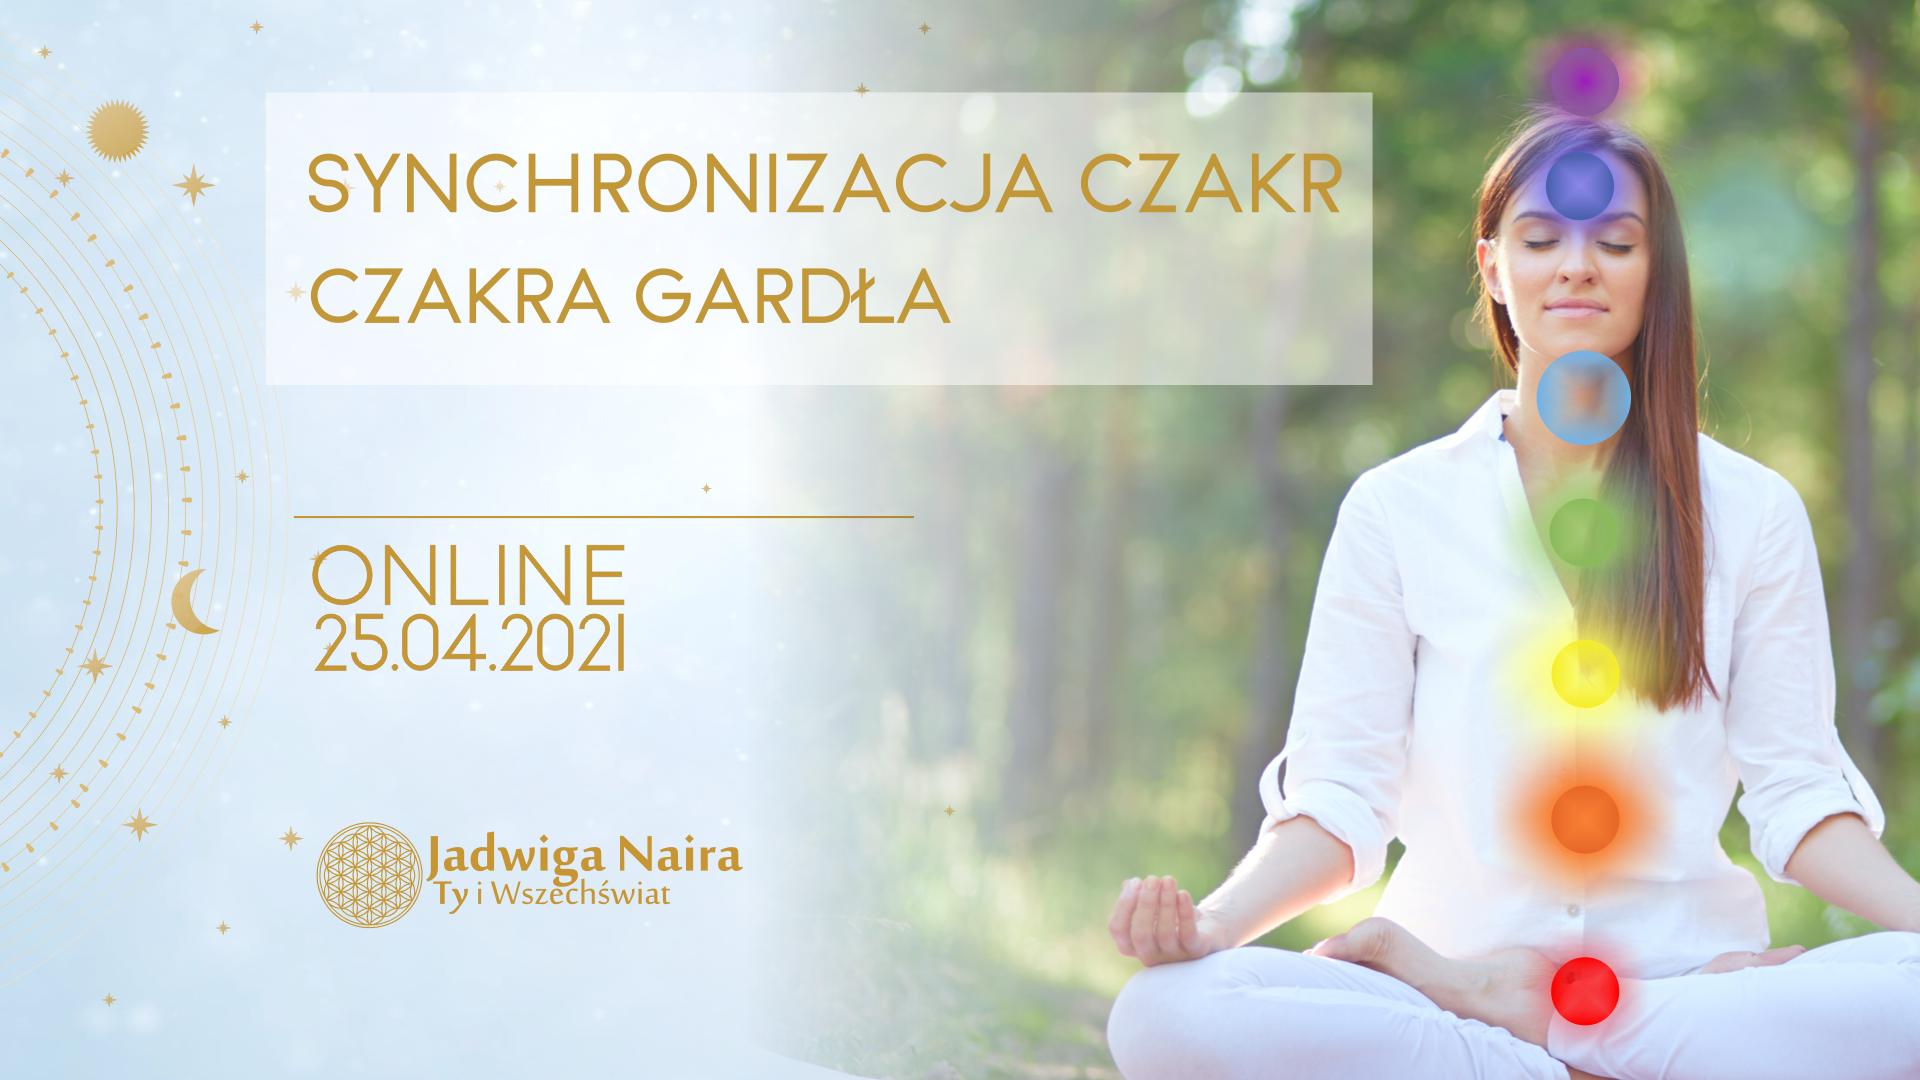 Warsztat Online - Synchronizacja Czakr. Czakra Gardła